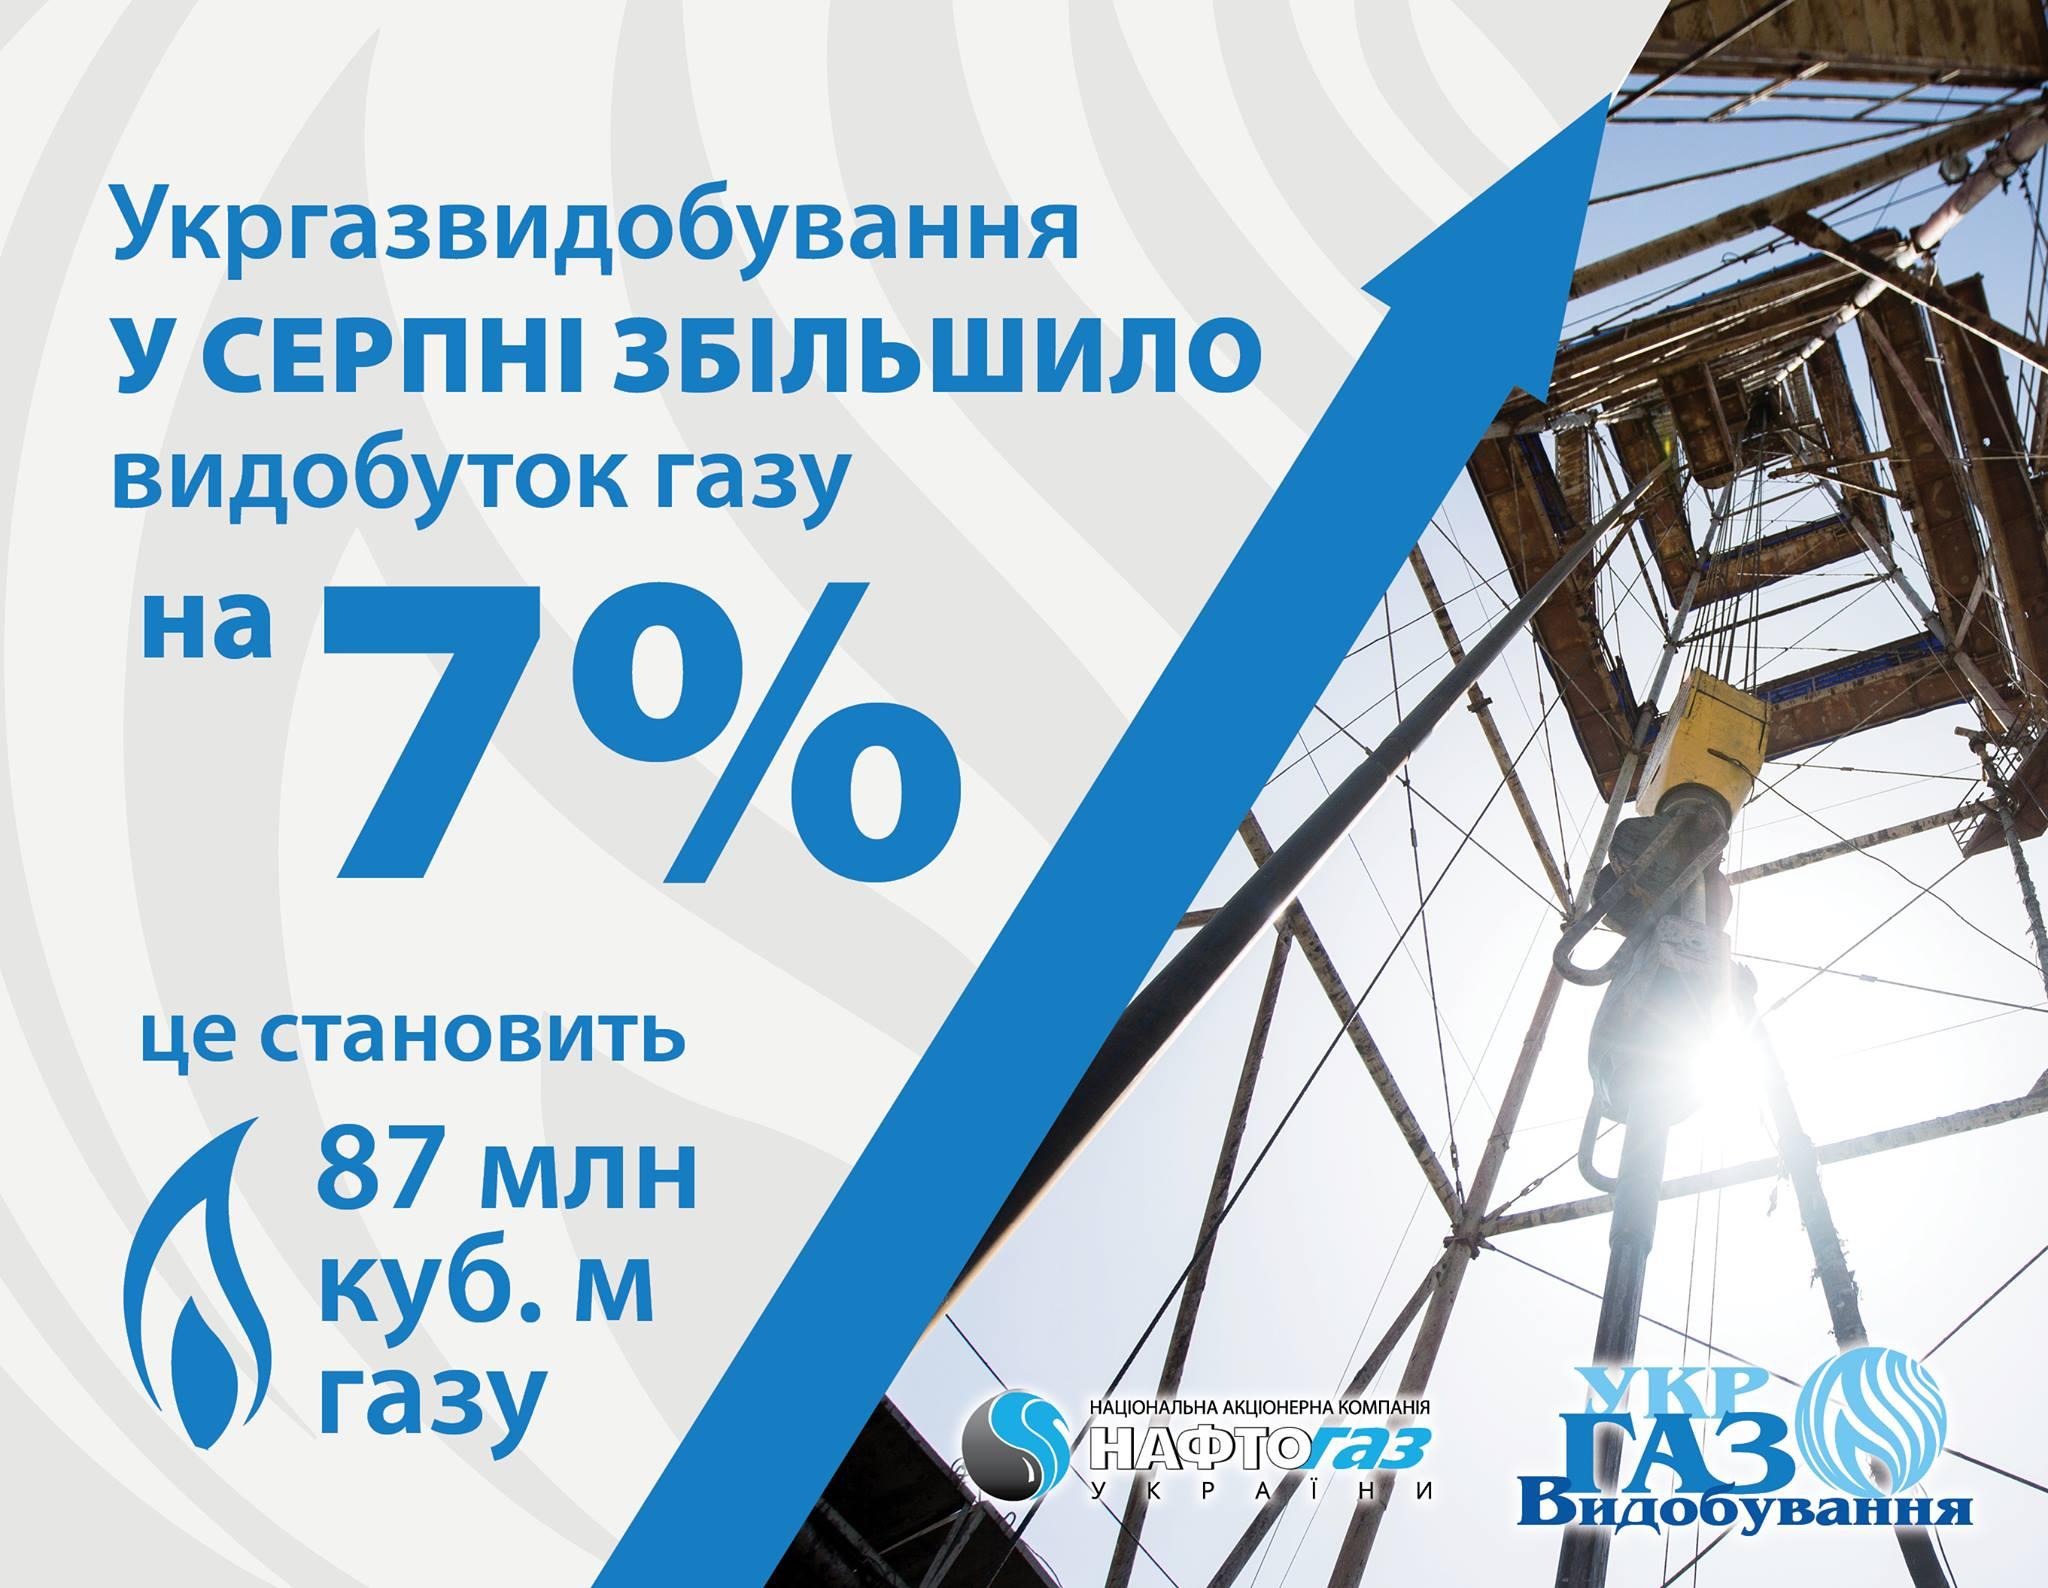 Укргазвидобування у серпні збільшило видобуток газу на 7%